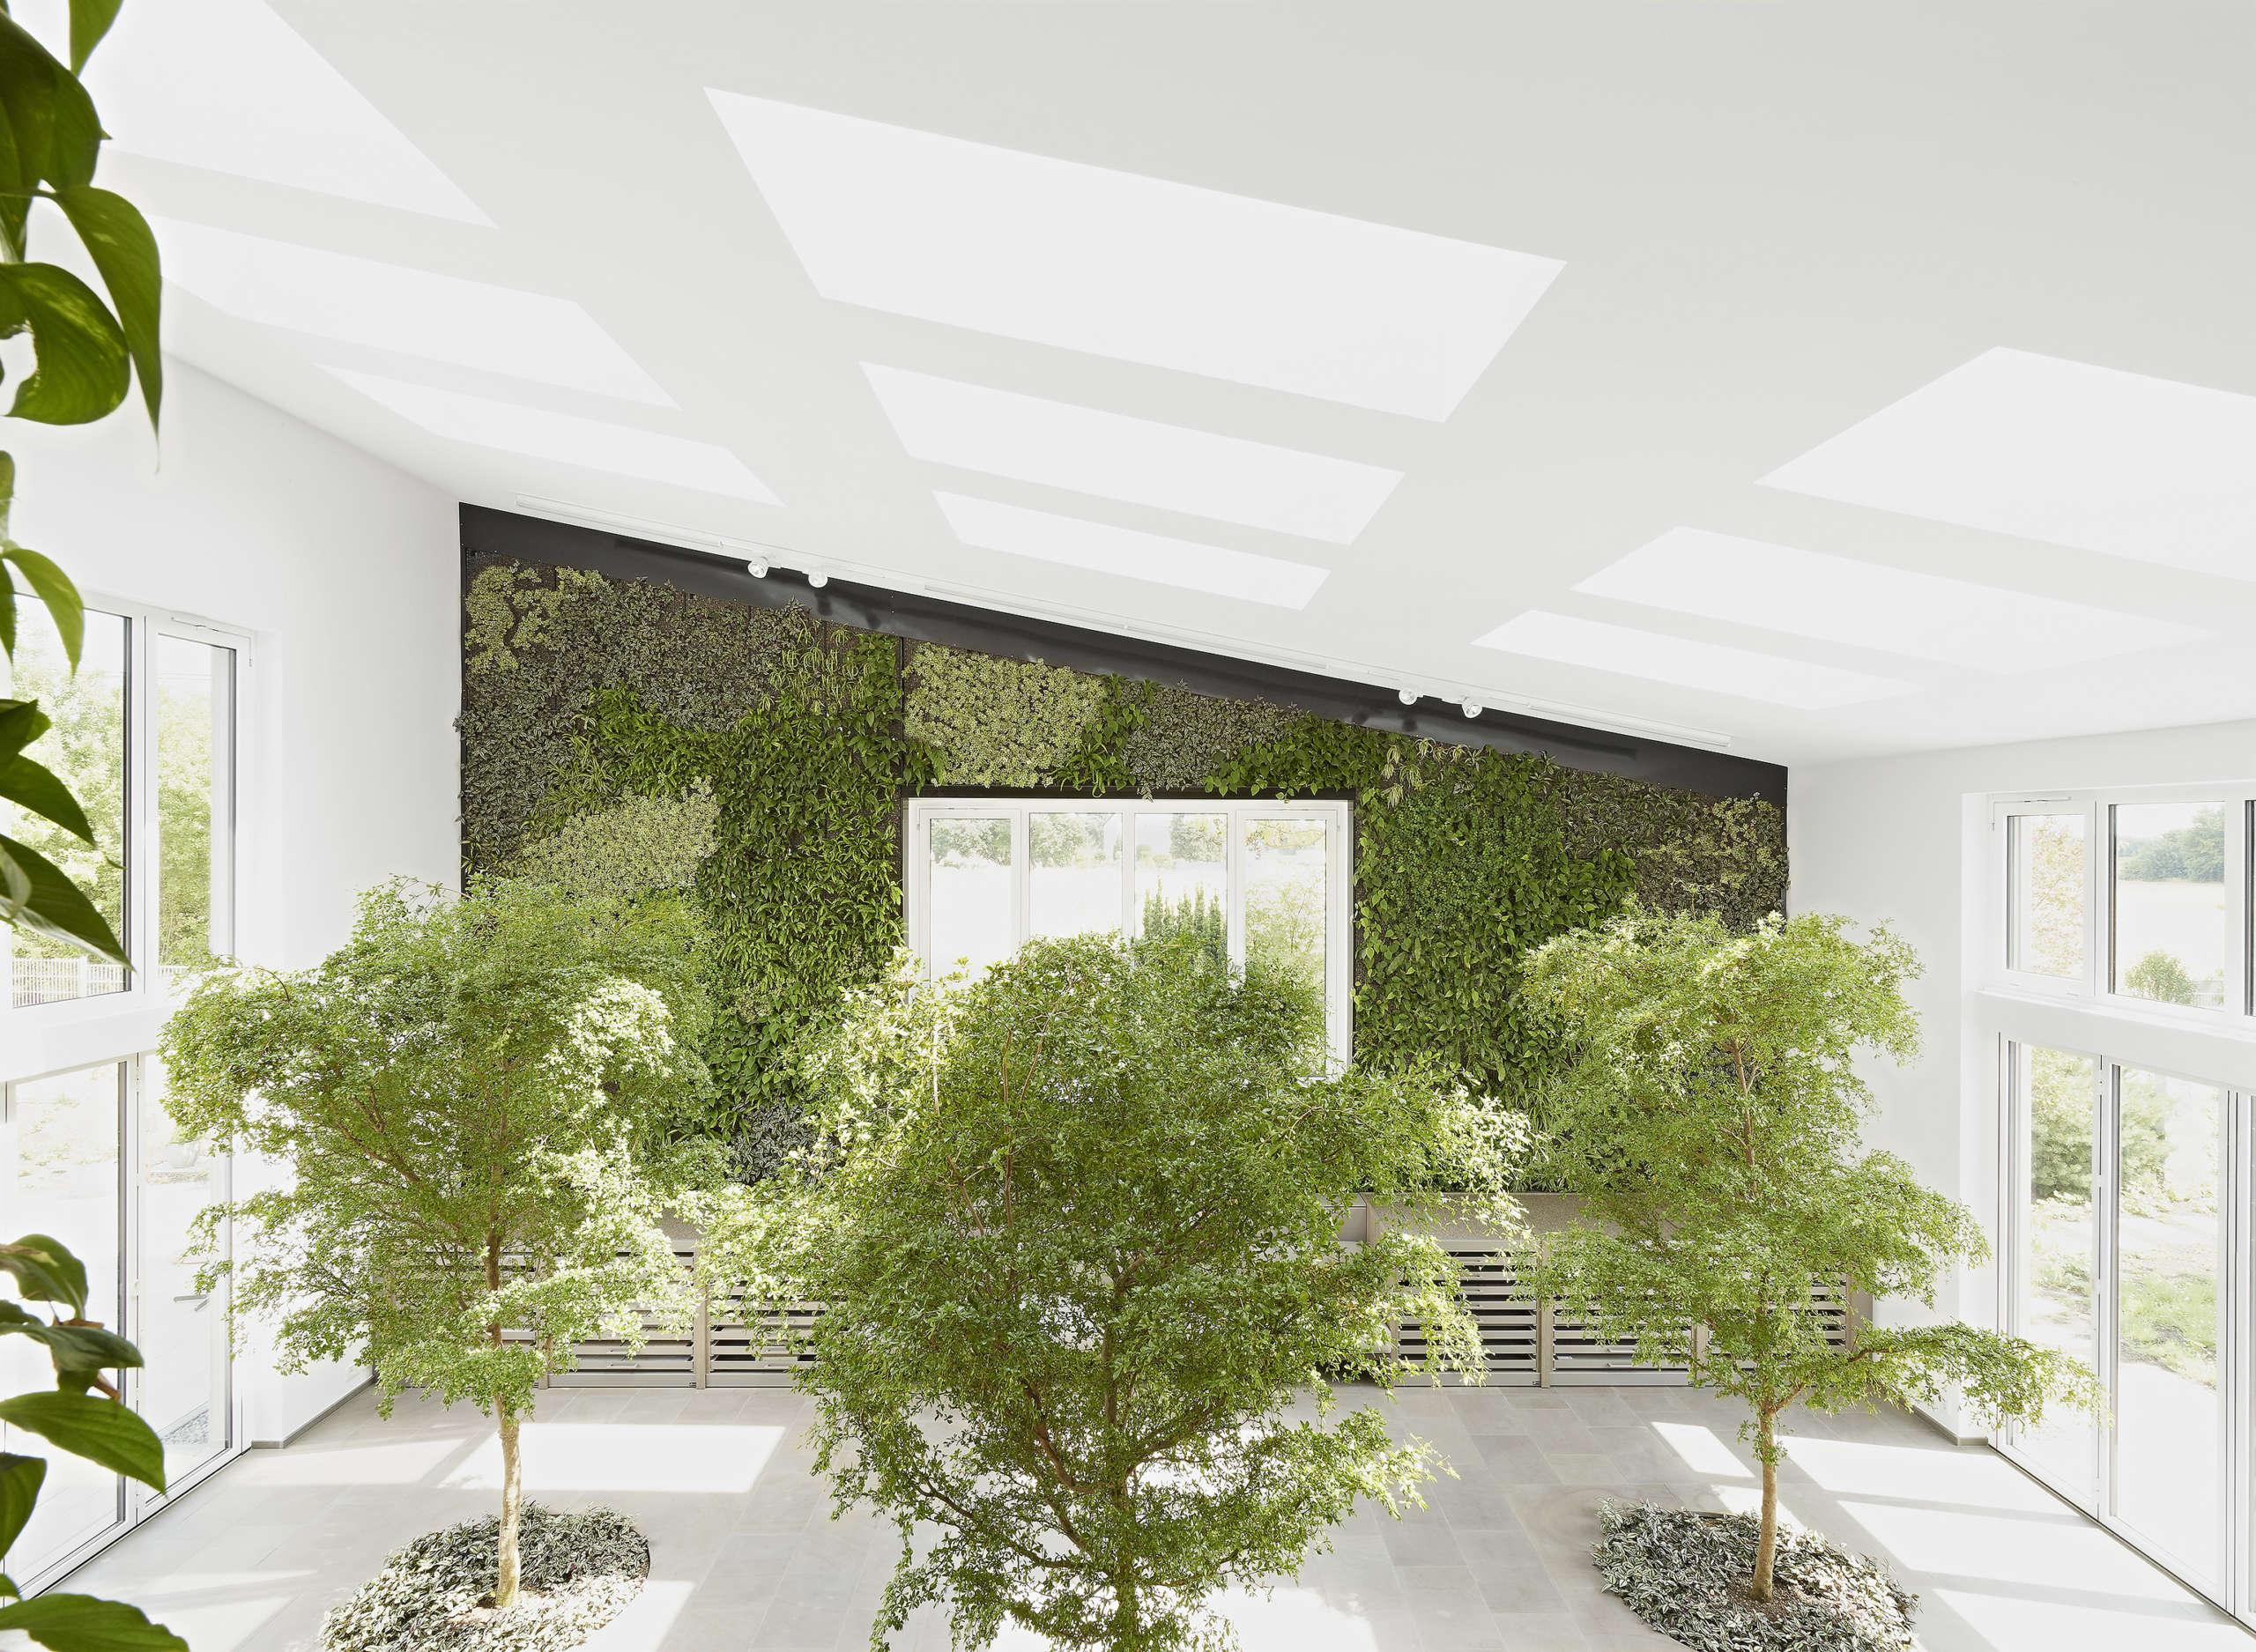 Ausstellungshalle Gramenz Wiesbaden 02